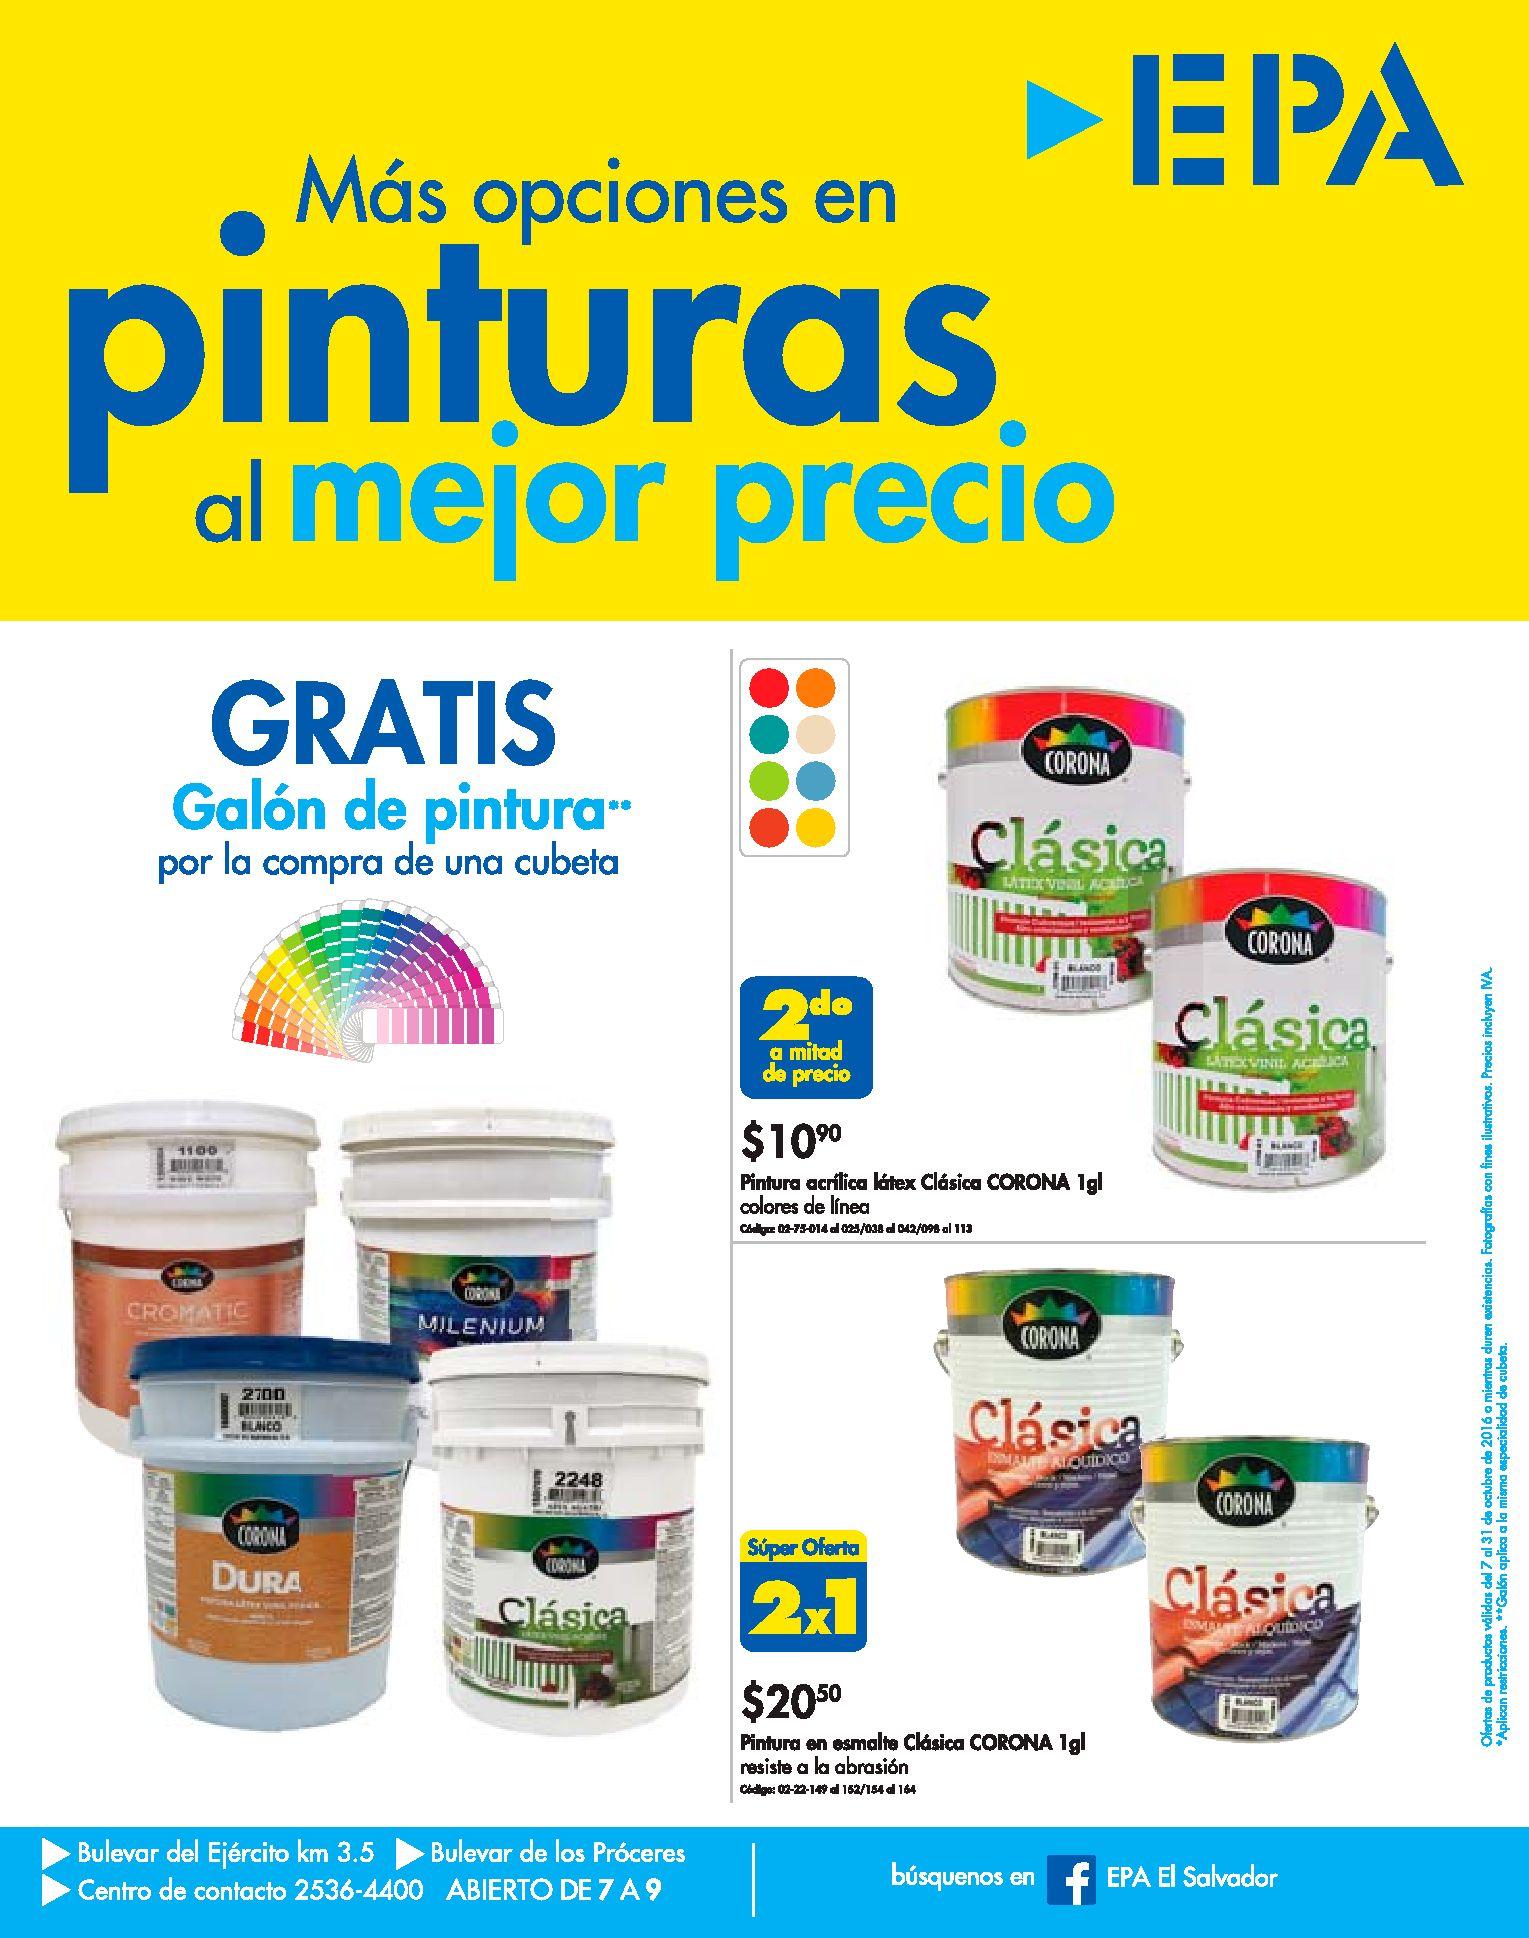 Gratis galones de pinturas con el mejor precios epa sv - Pintura bruguer precio ...